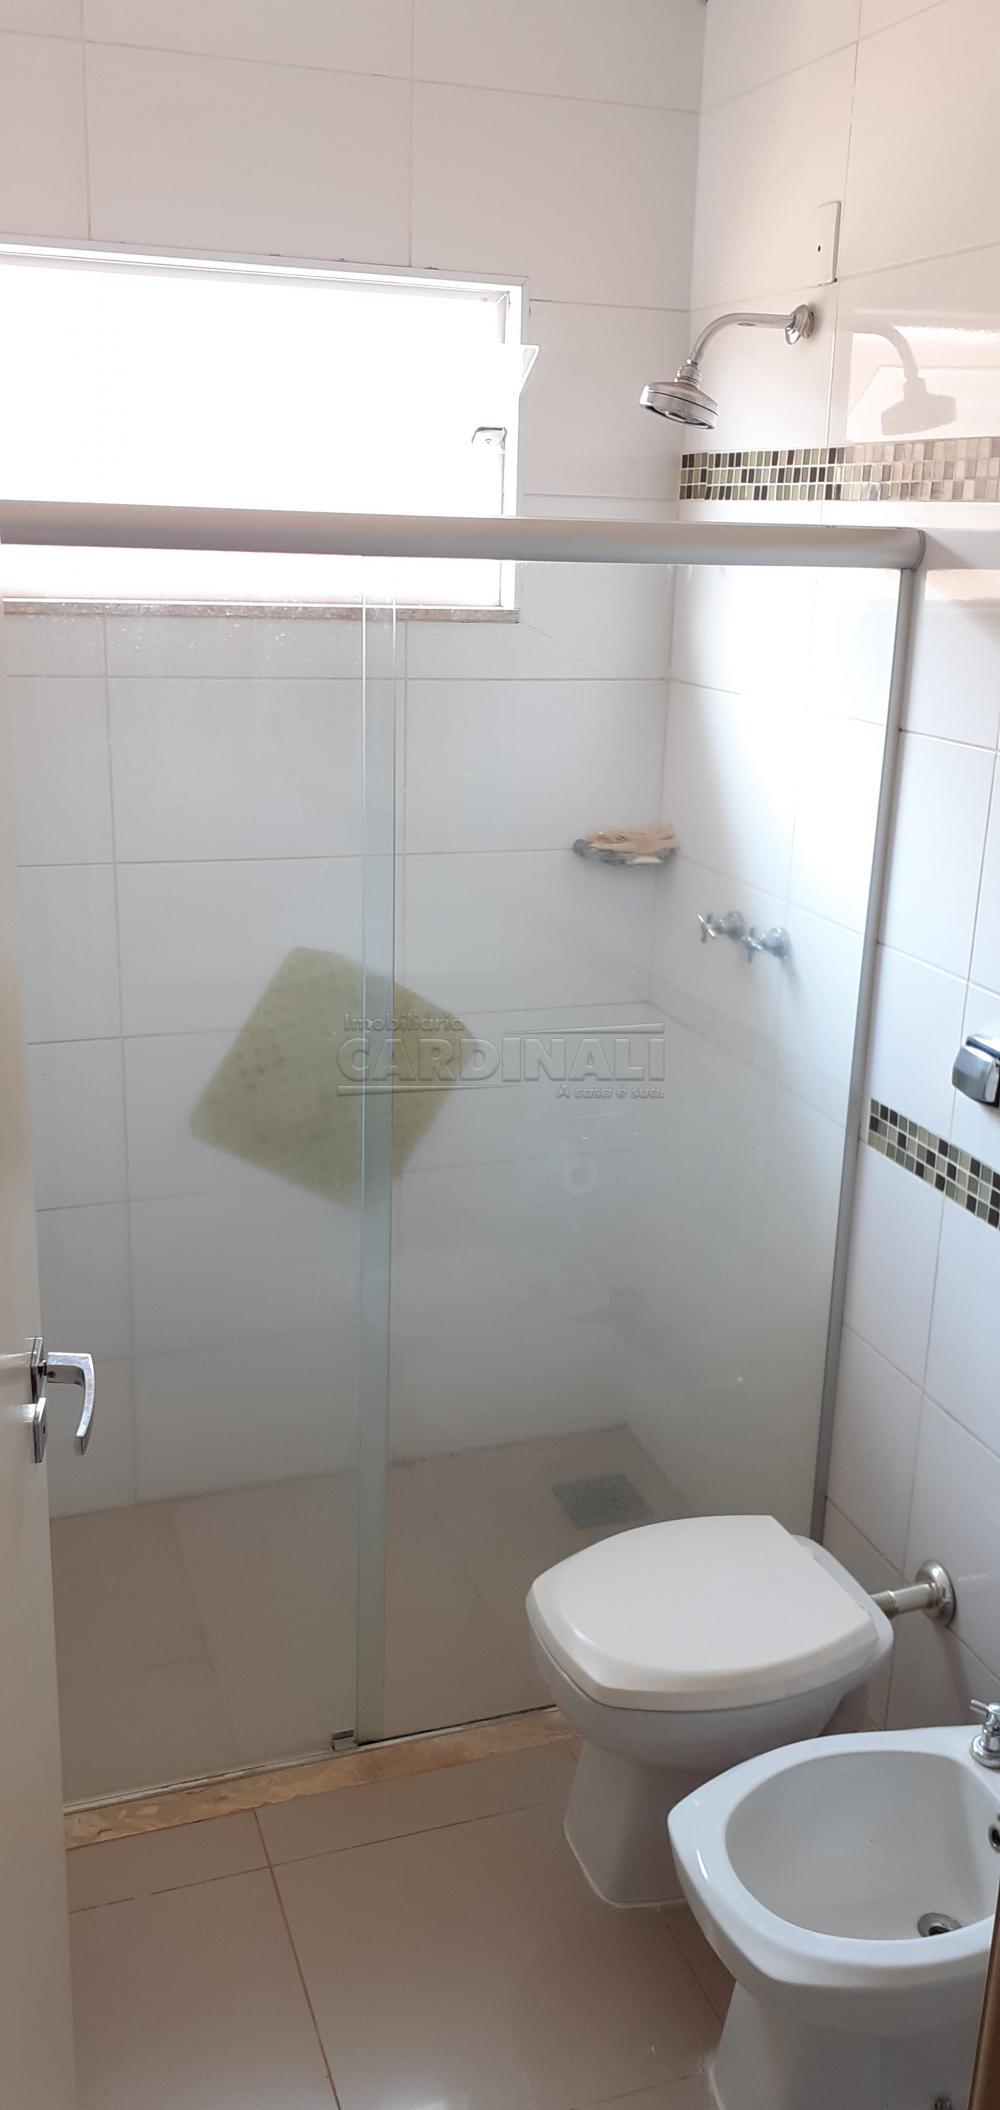 Alugar Casa / Condomínio em São Carlos R$ 3.900,00 - Foto 22